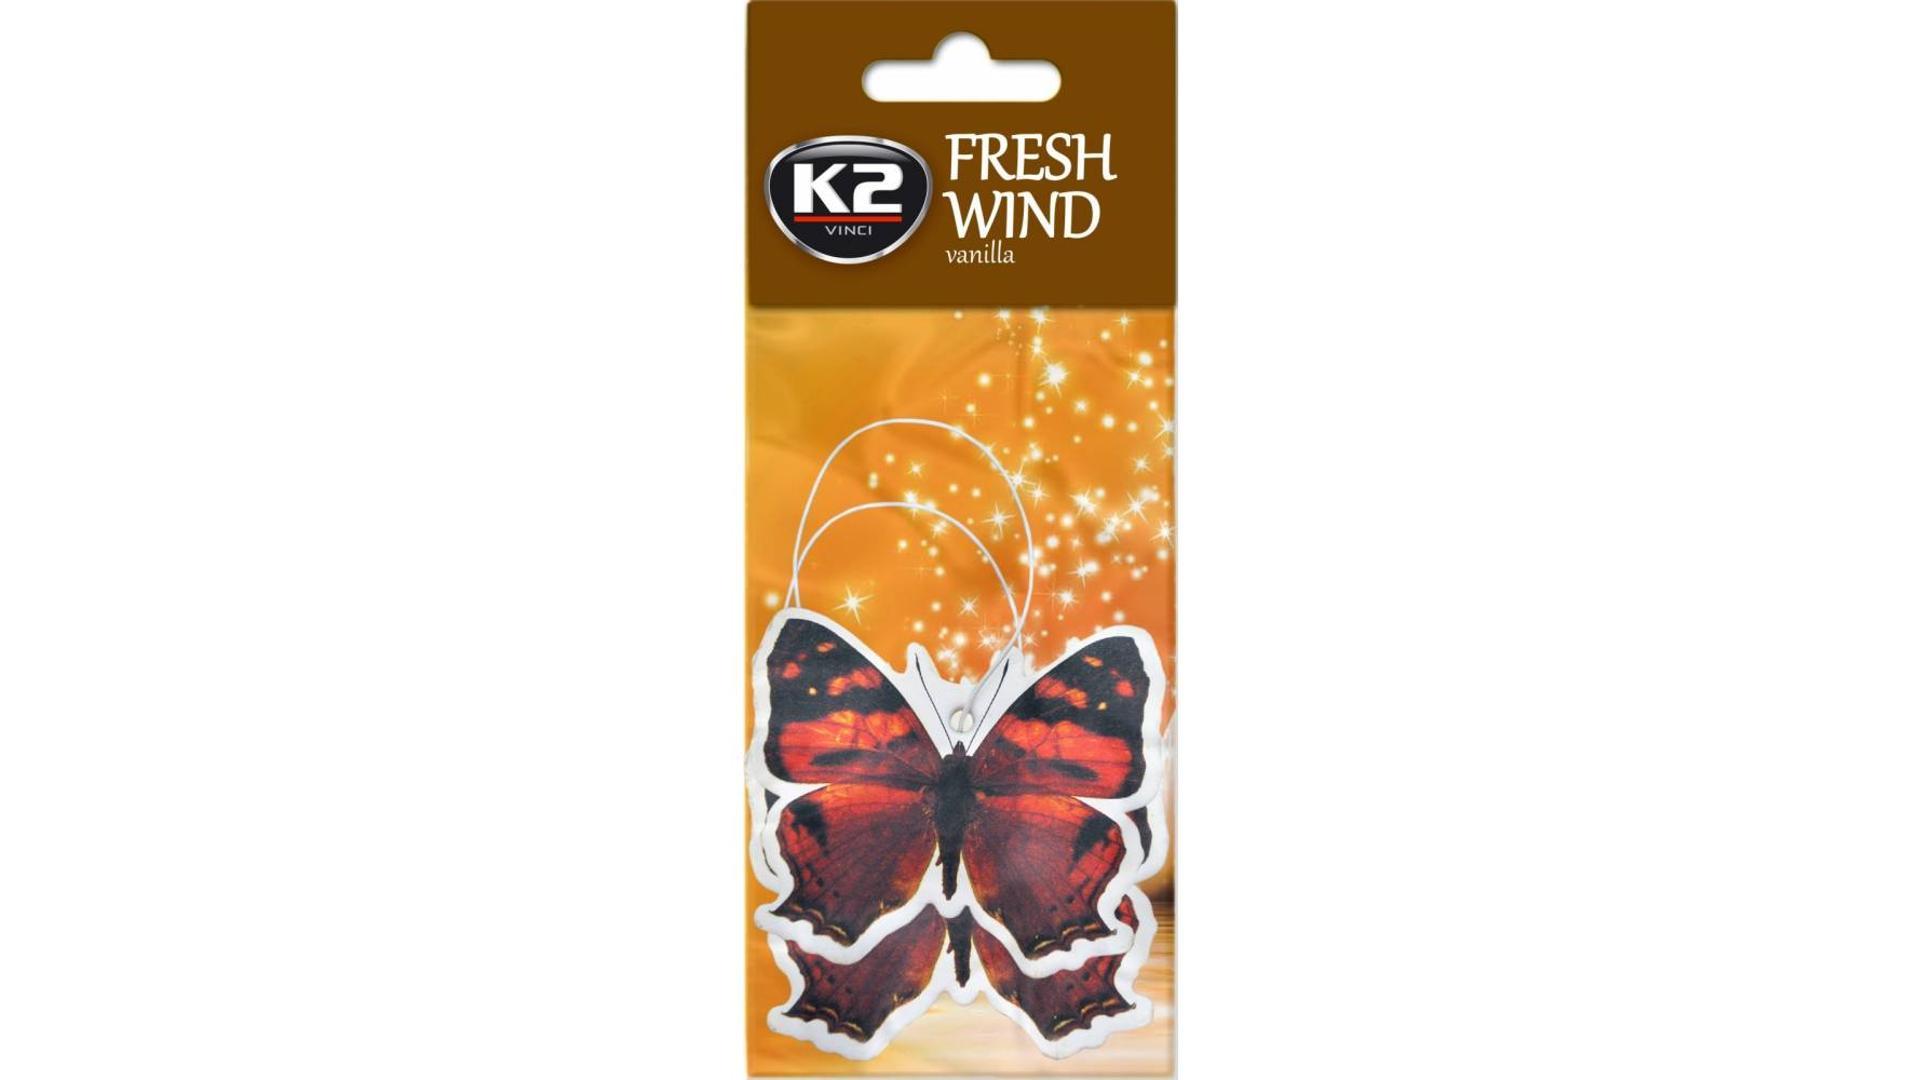 K2 FRESH WIND osvěžovač vzduchu - Vanilka